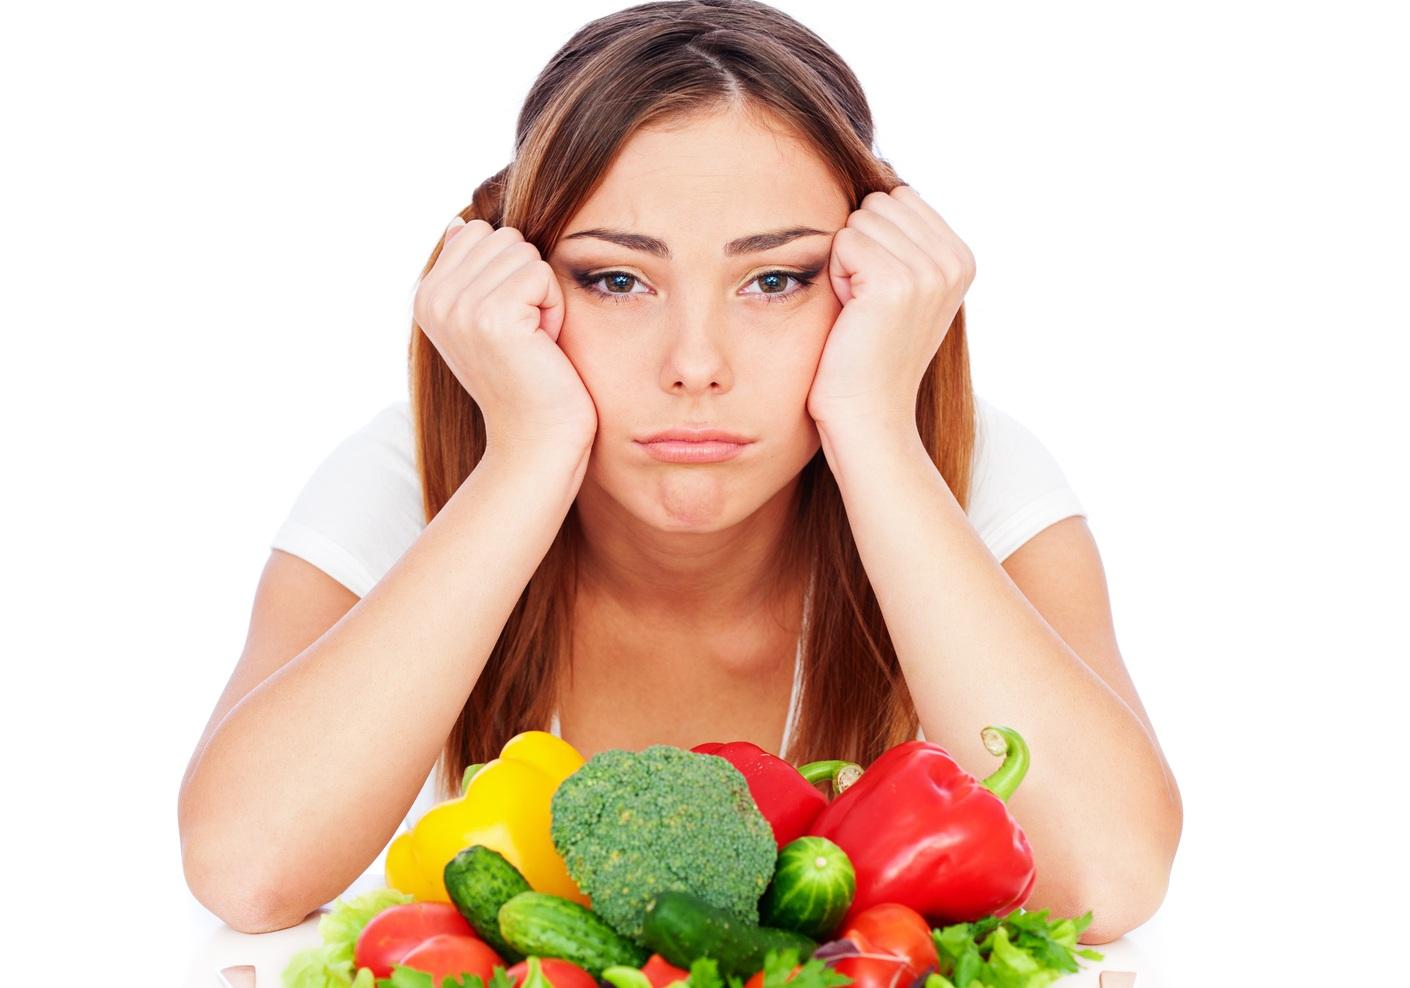 Por qué fracasamos en las dietas: El cuerpo se rebela